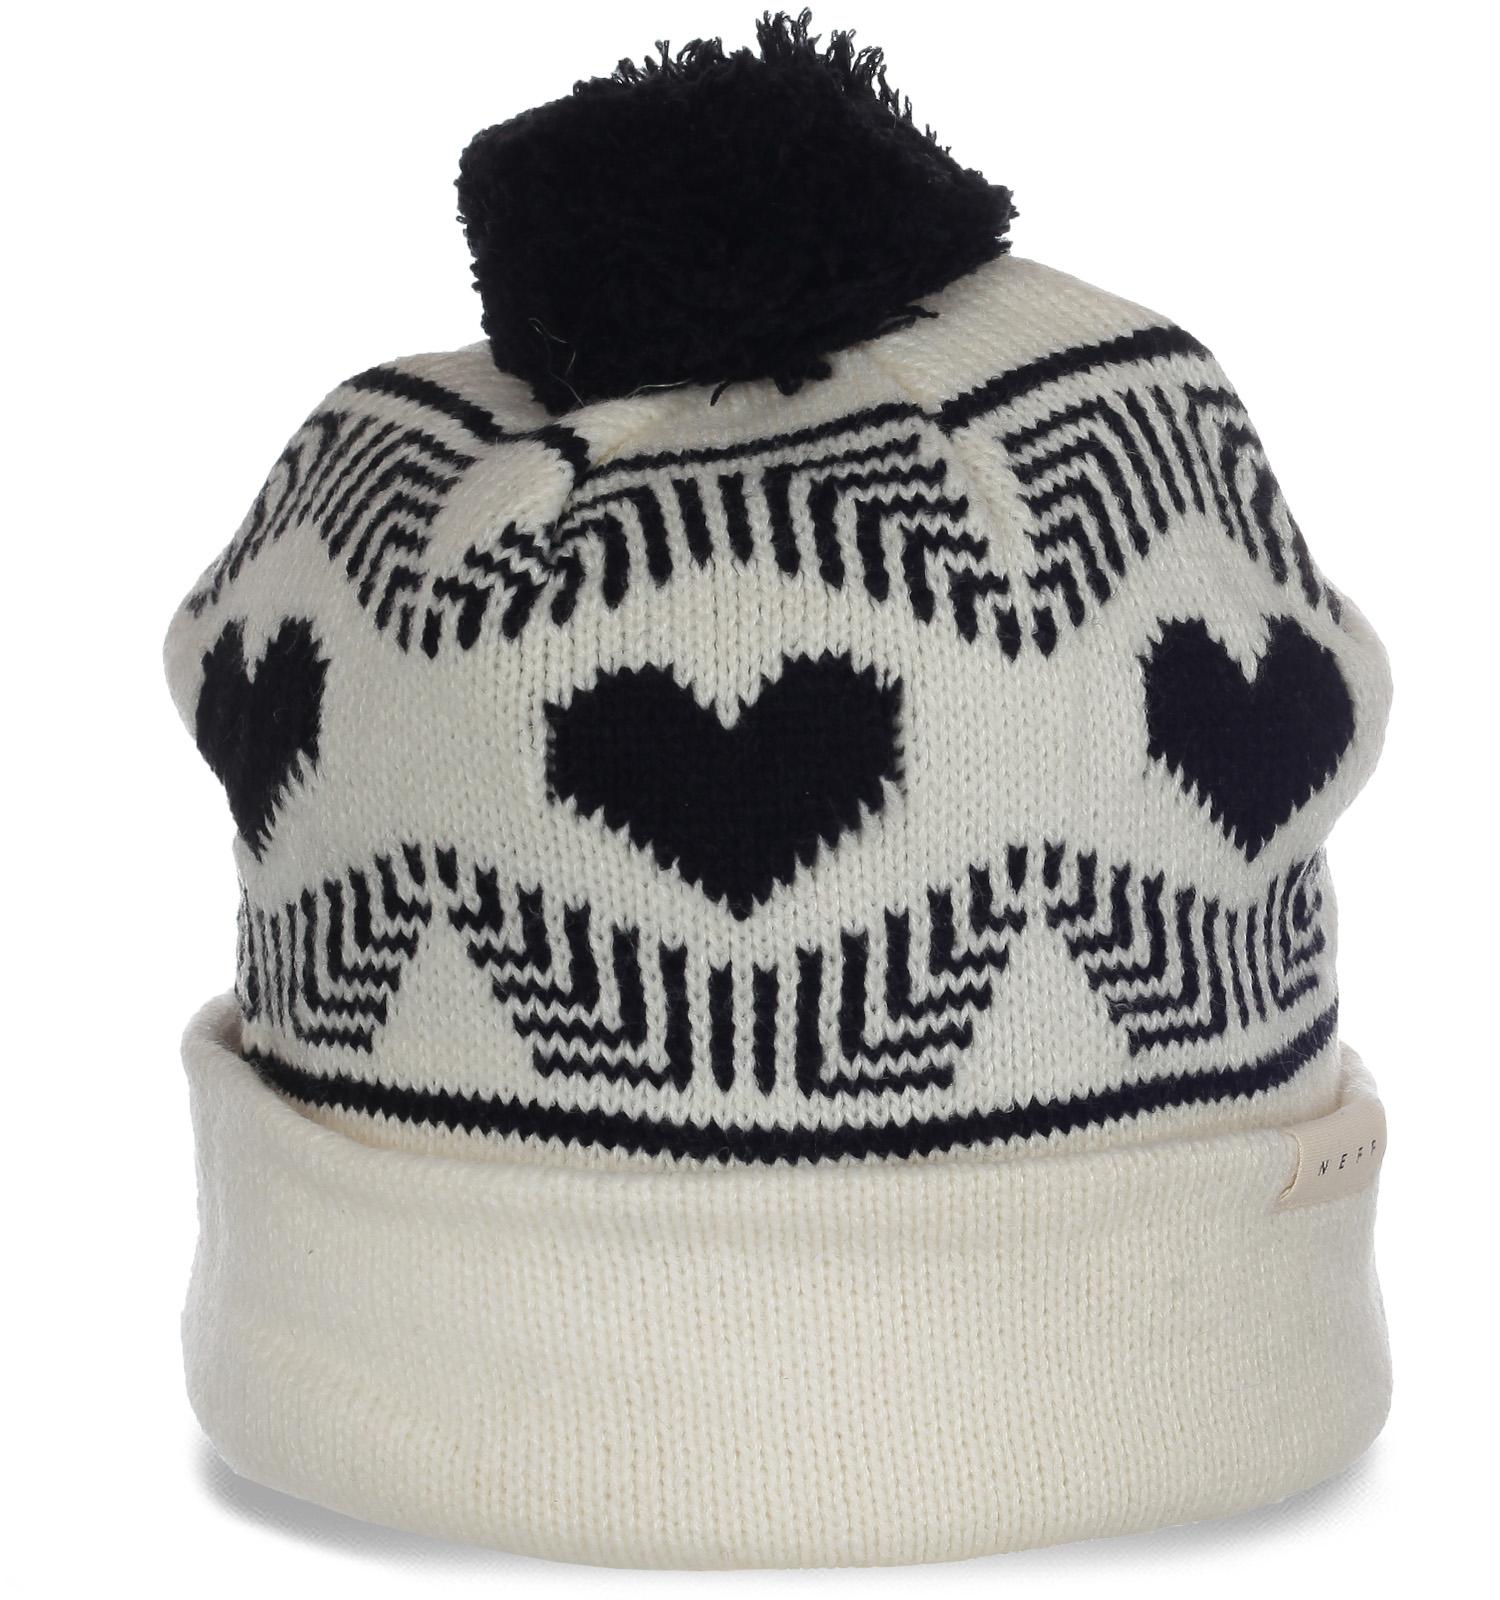 Чудесная теплая шапка Neff с бубоном отличный элегантный вариант для милых девушек